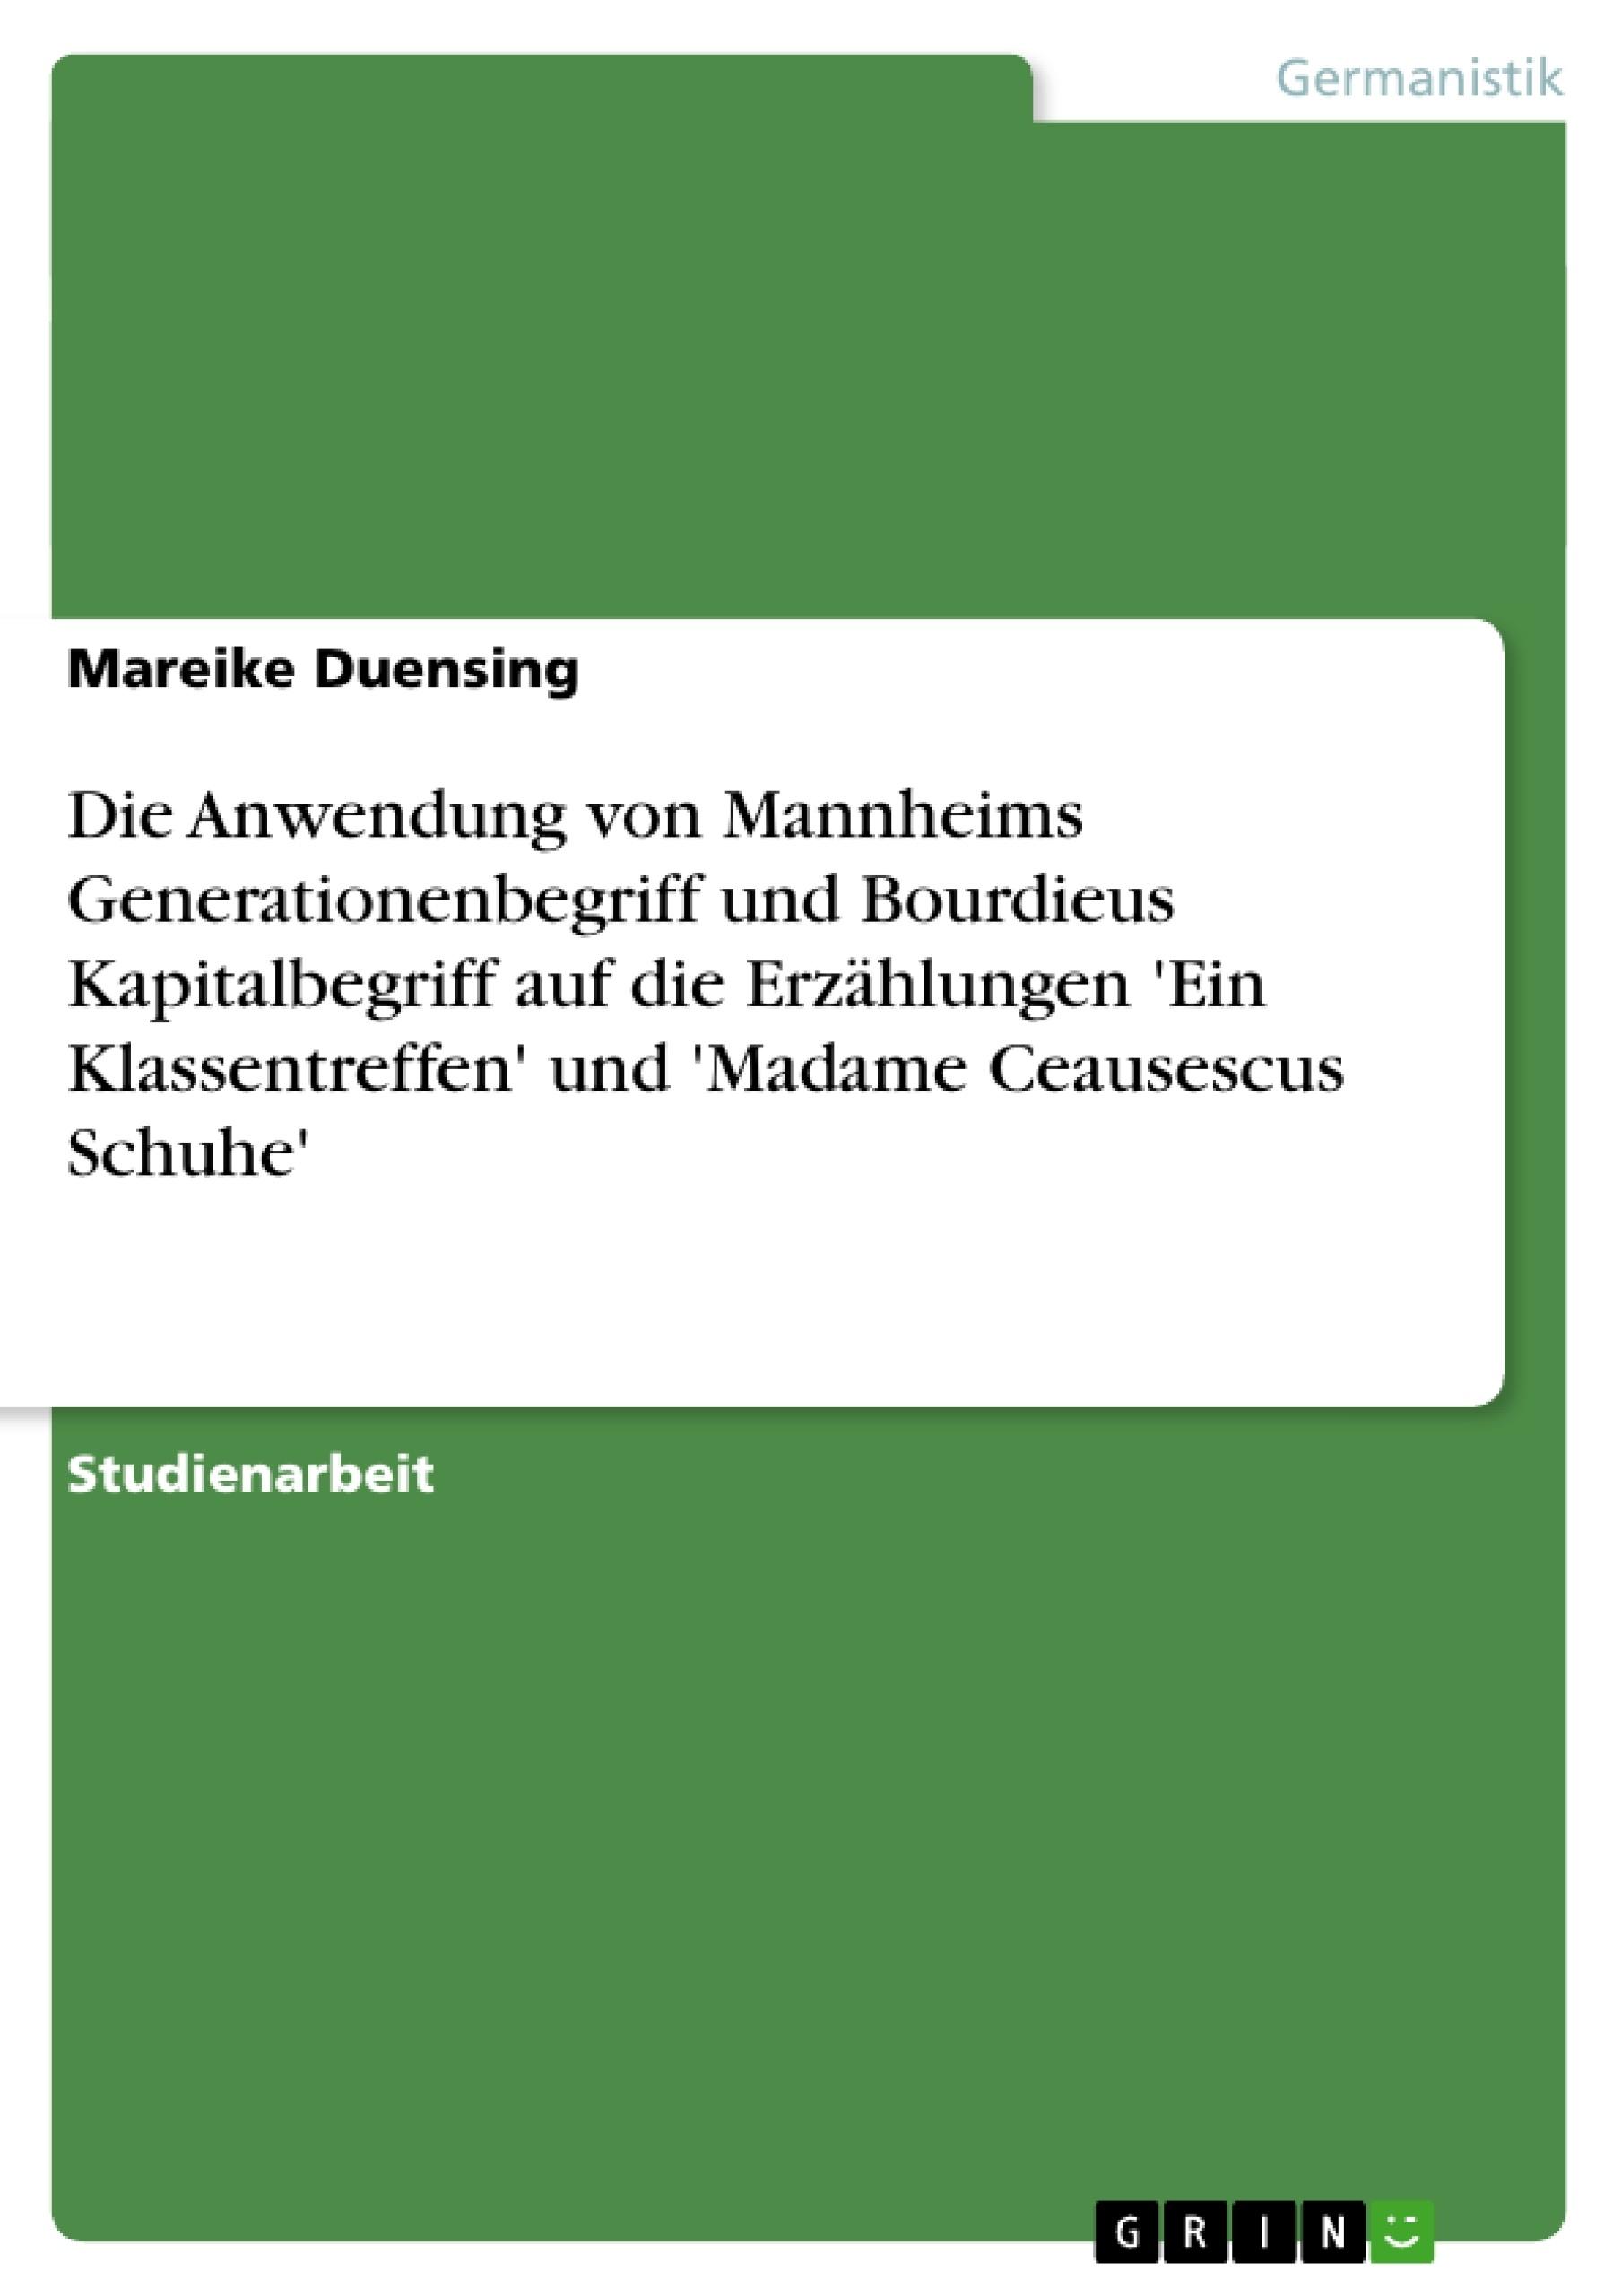 Titel: Die Anwendung von Mannheims Generationenbegriff und Bourdieus Kapitalbegriff auf die Erzählungen 'Ein Klassentreffen' und 'Madame Ceausescus Schuhe'